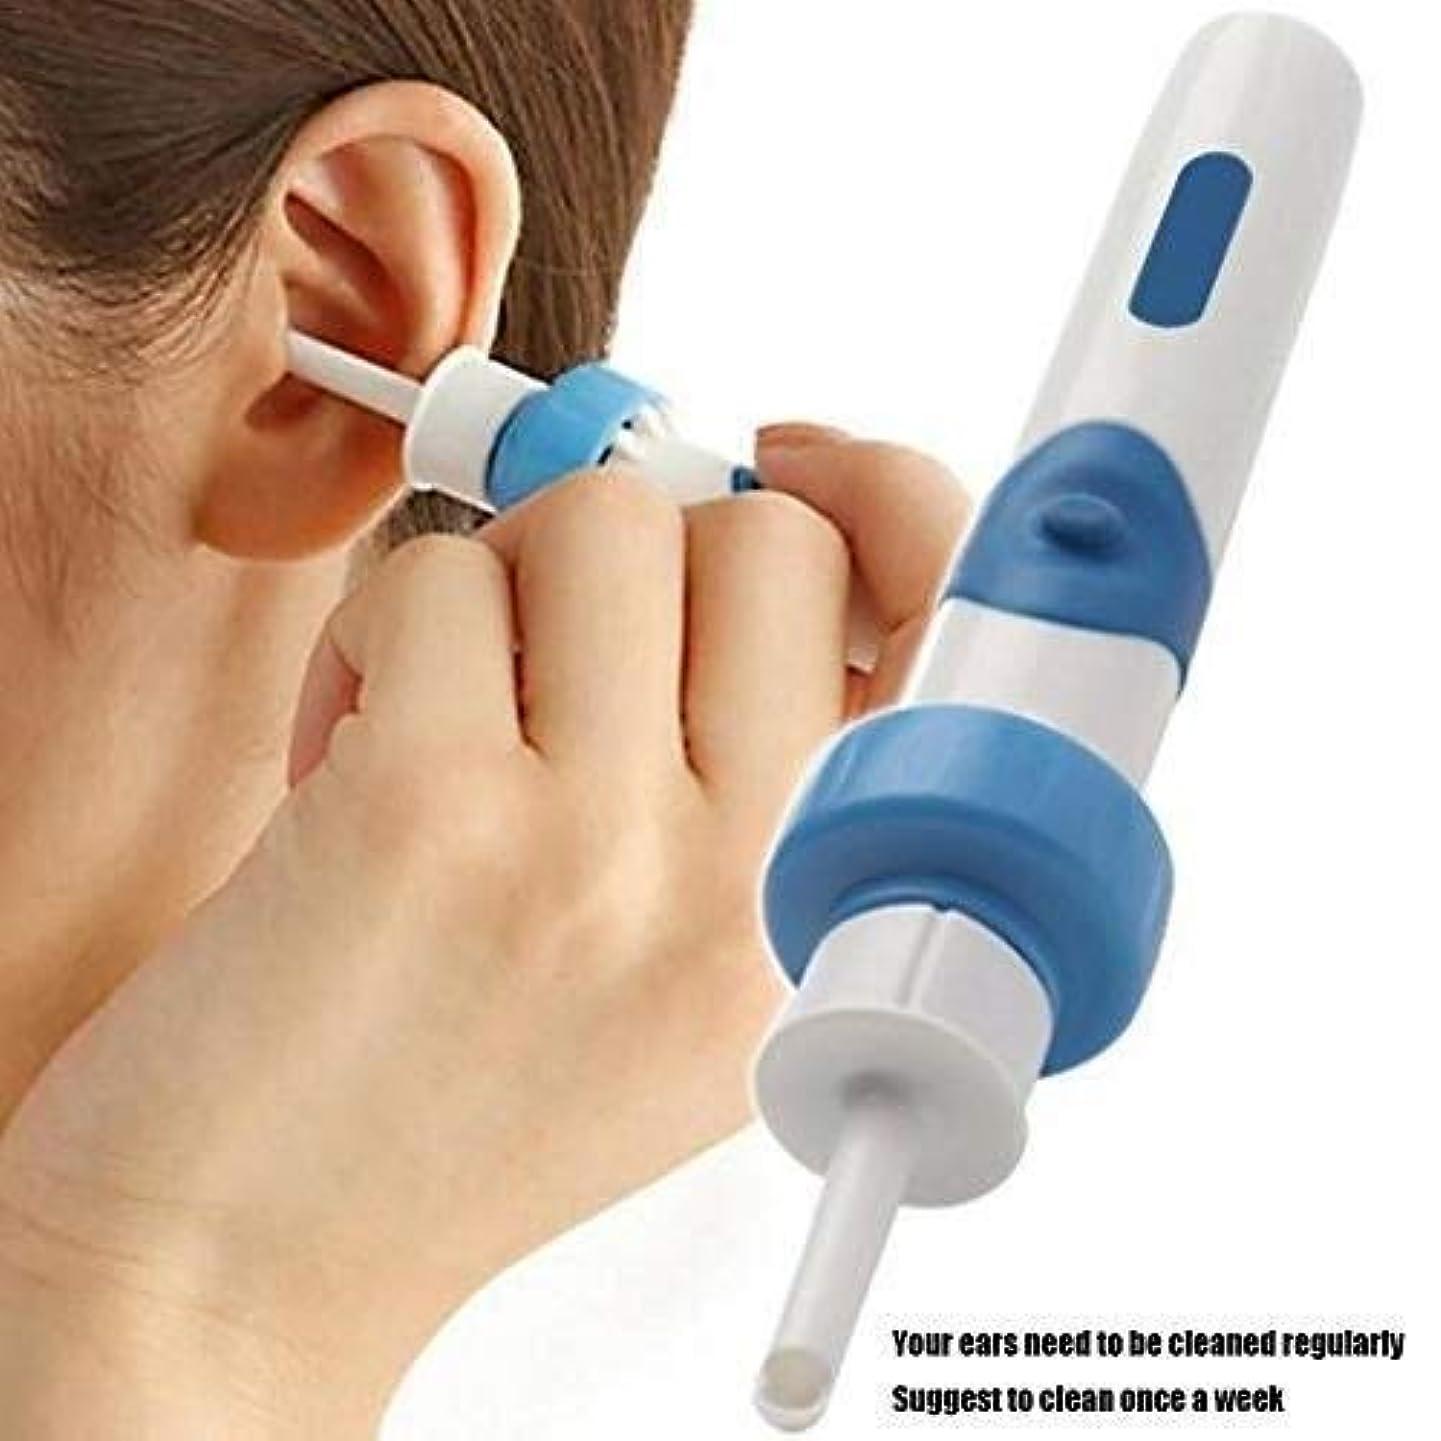 仲間、同僚マナーご飯耳のワックスリムーバー、安全で柔らかい耳のワックスリムーバー、耳垢の削除ツール、安全&ソフトスパイラル耳クリーナー、耳垢の除去ツールセット、飲料プロフェッショナルパッケージ思慮深いギフトセット